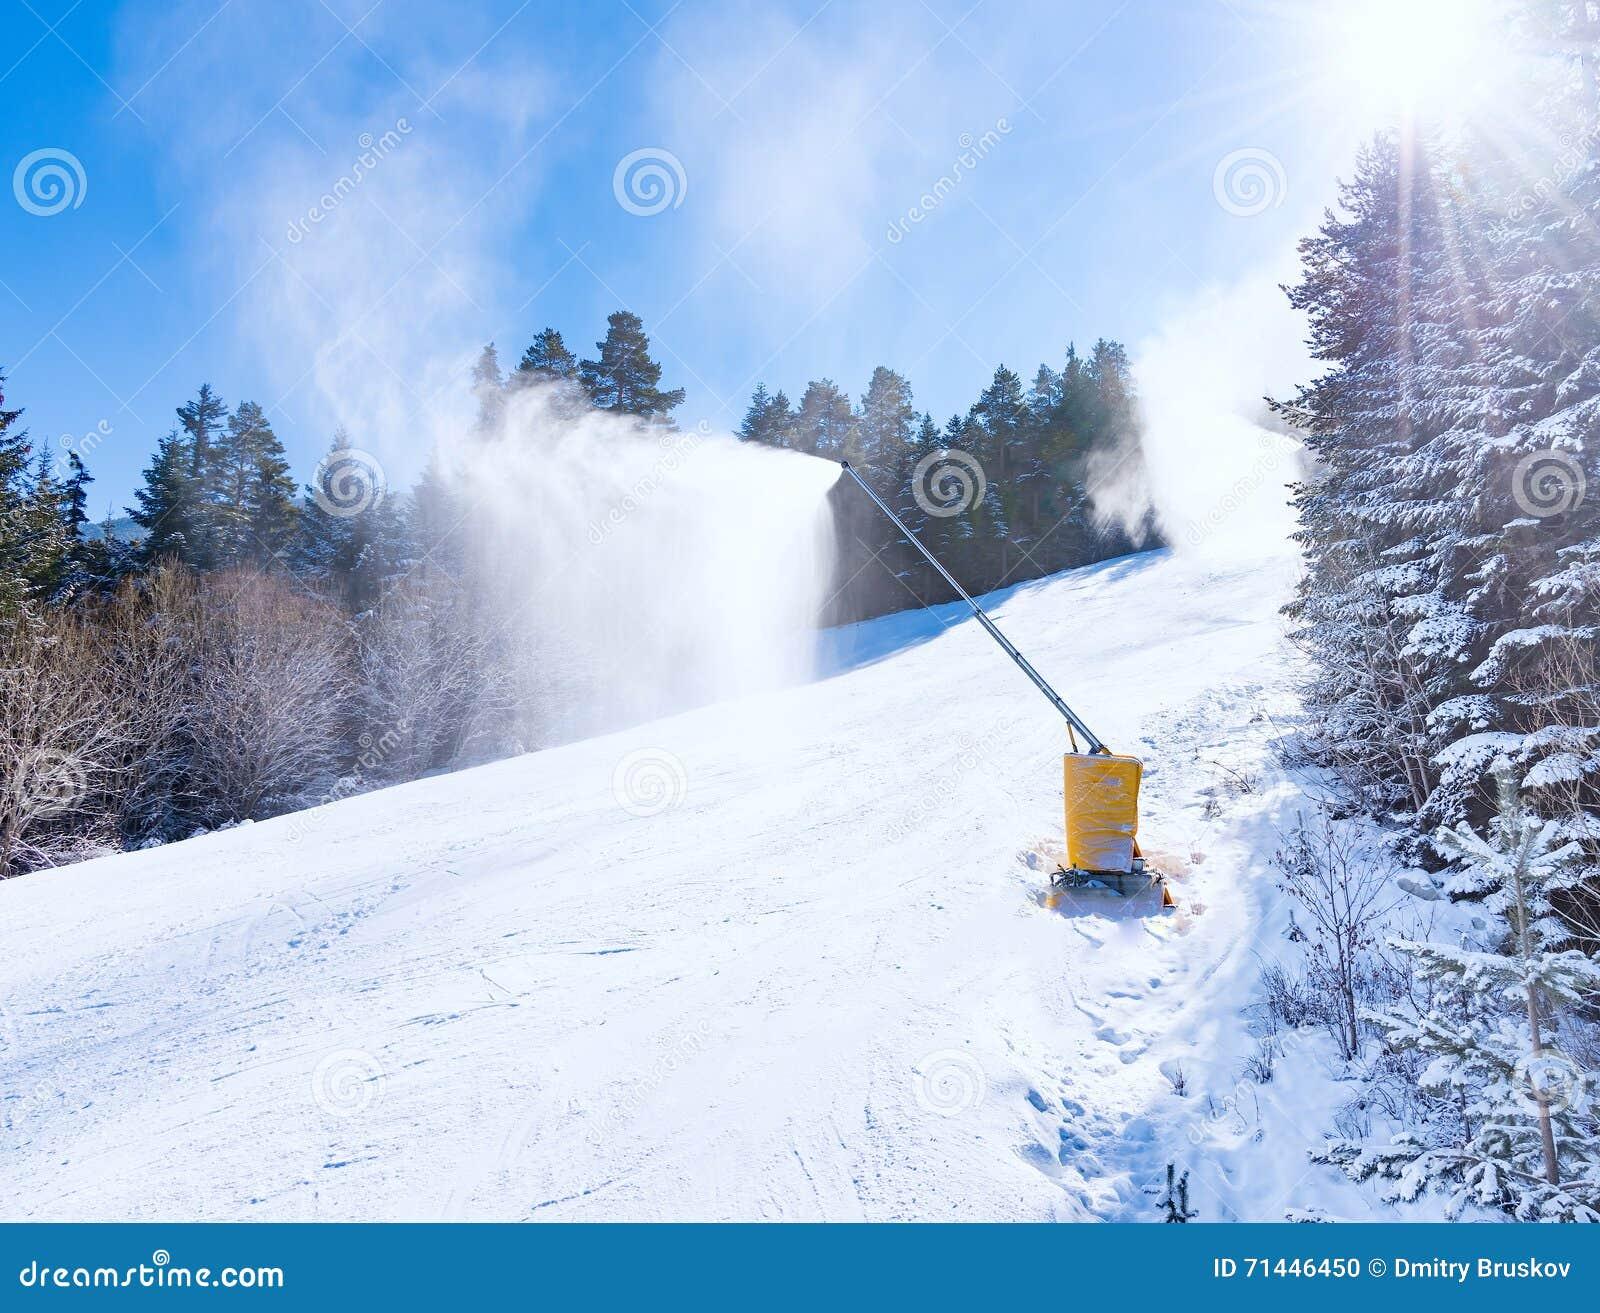 Machine gun snowmaking stock photo image